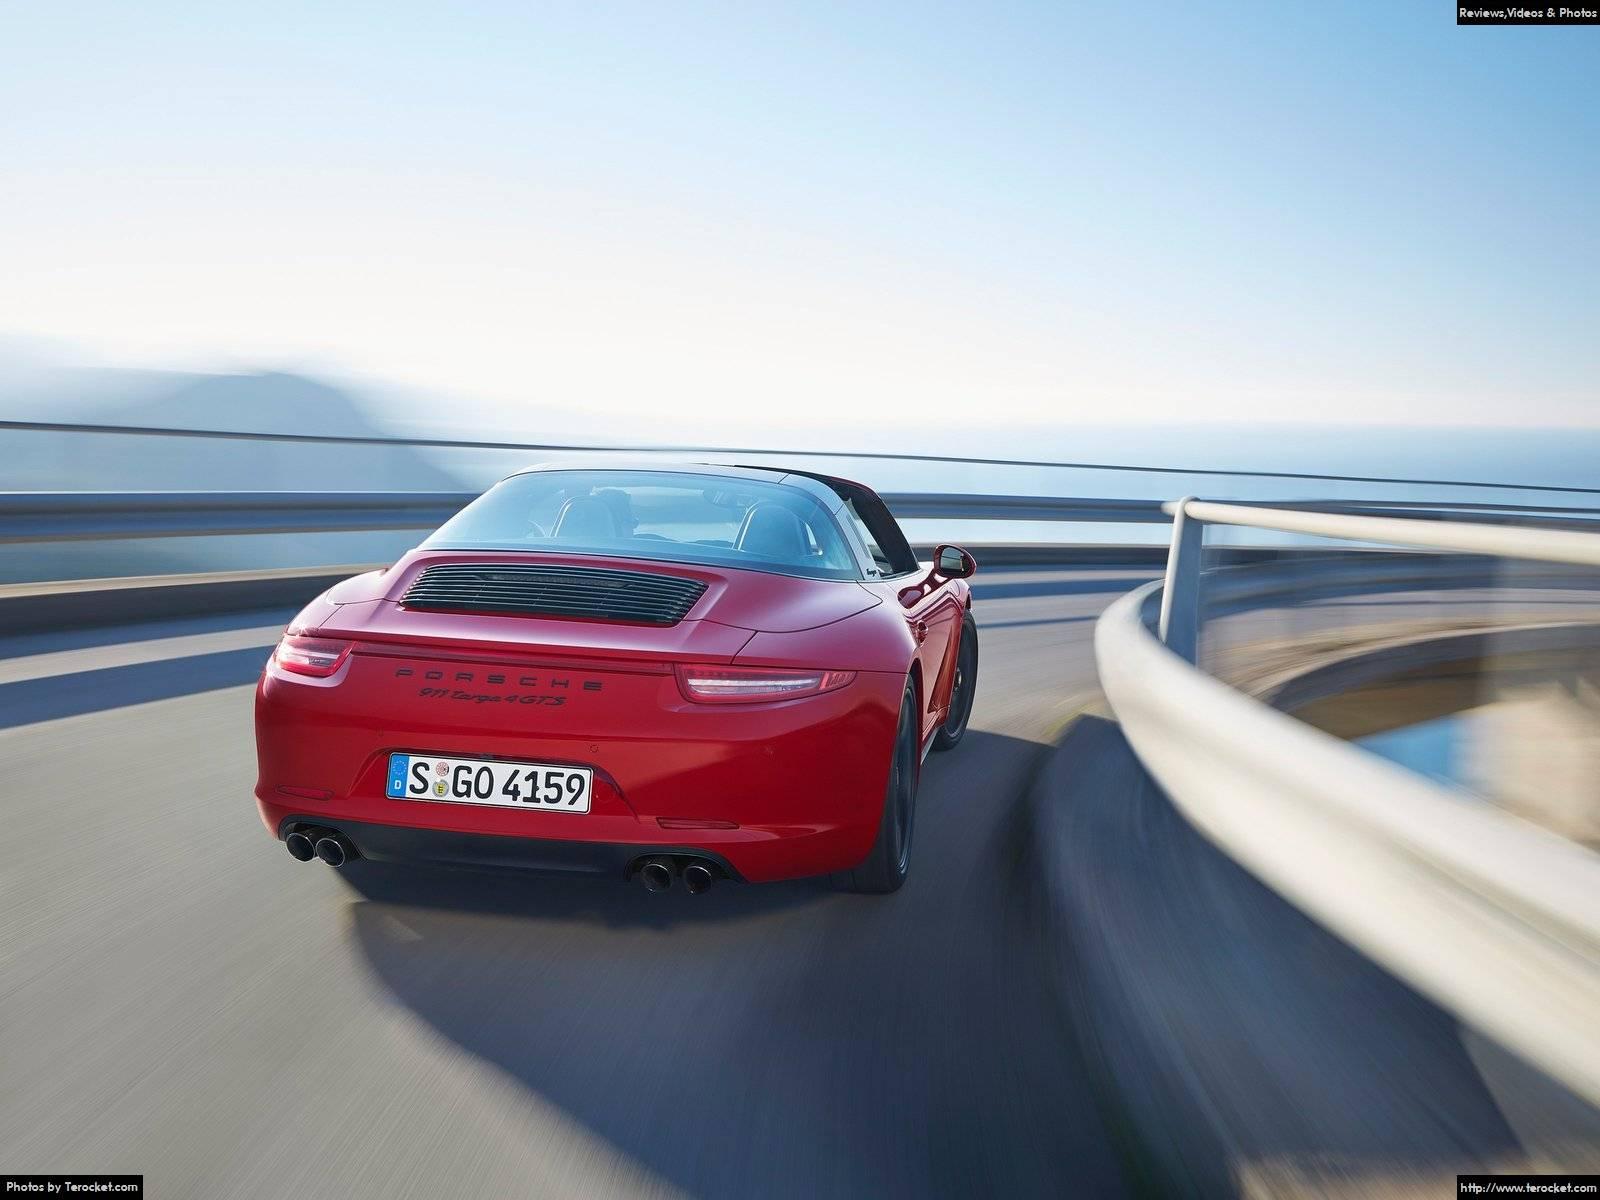 Hình ảnh xe ô tô Porsche 911 Targa 4 GTS 2016 & nội ngoại thất